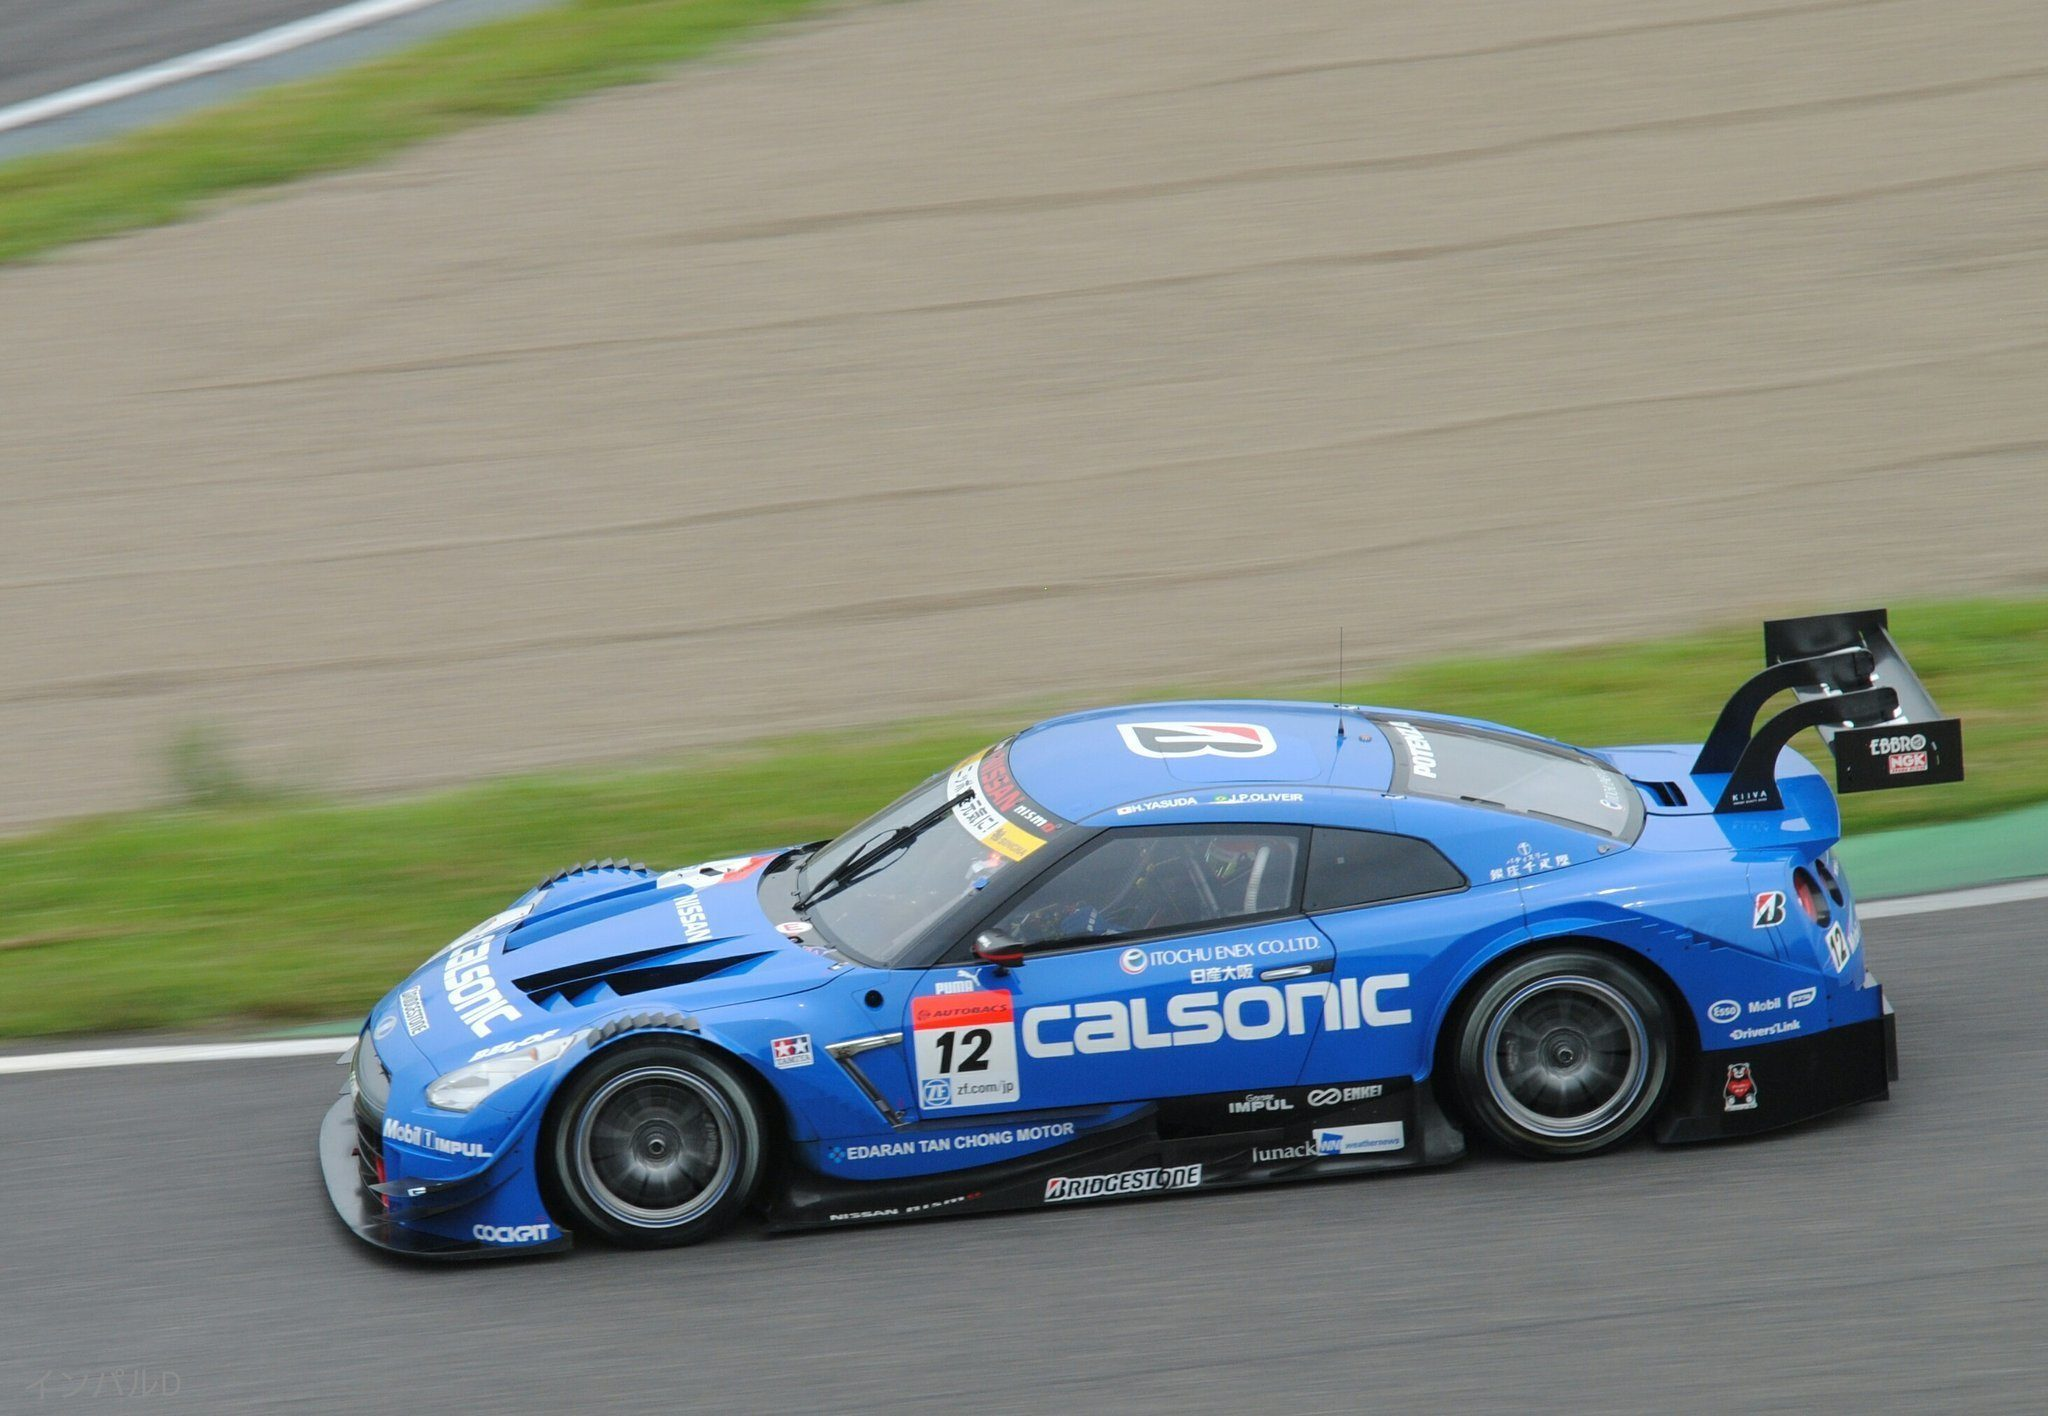 Super-GT-2017-Nissan-Calsonic.jpeg